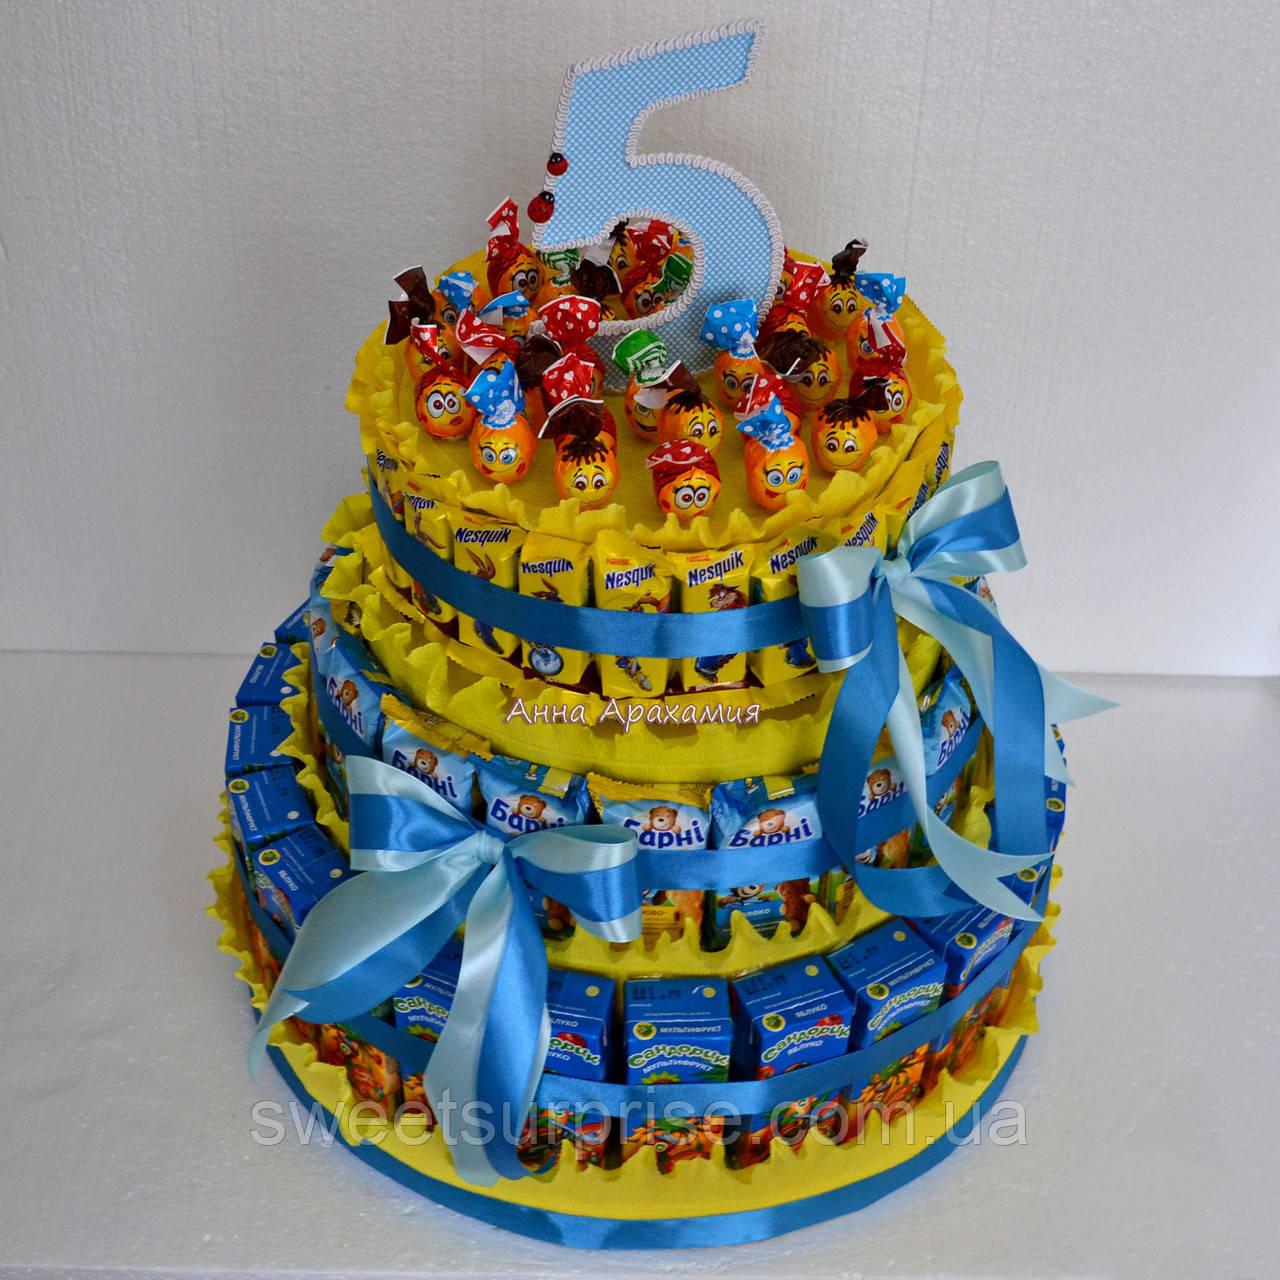 Торт из шоколадок и сока своими руками в детский сад 24